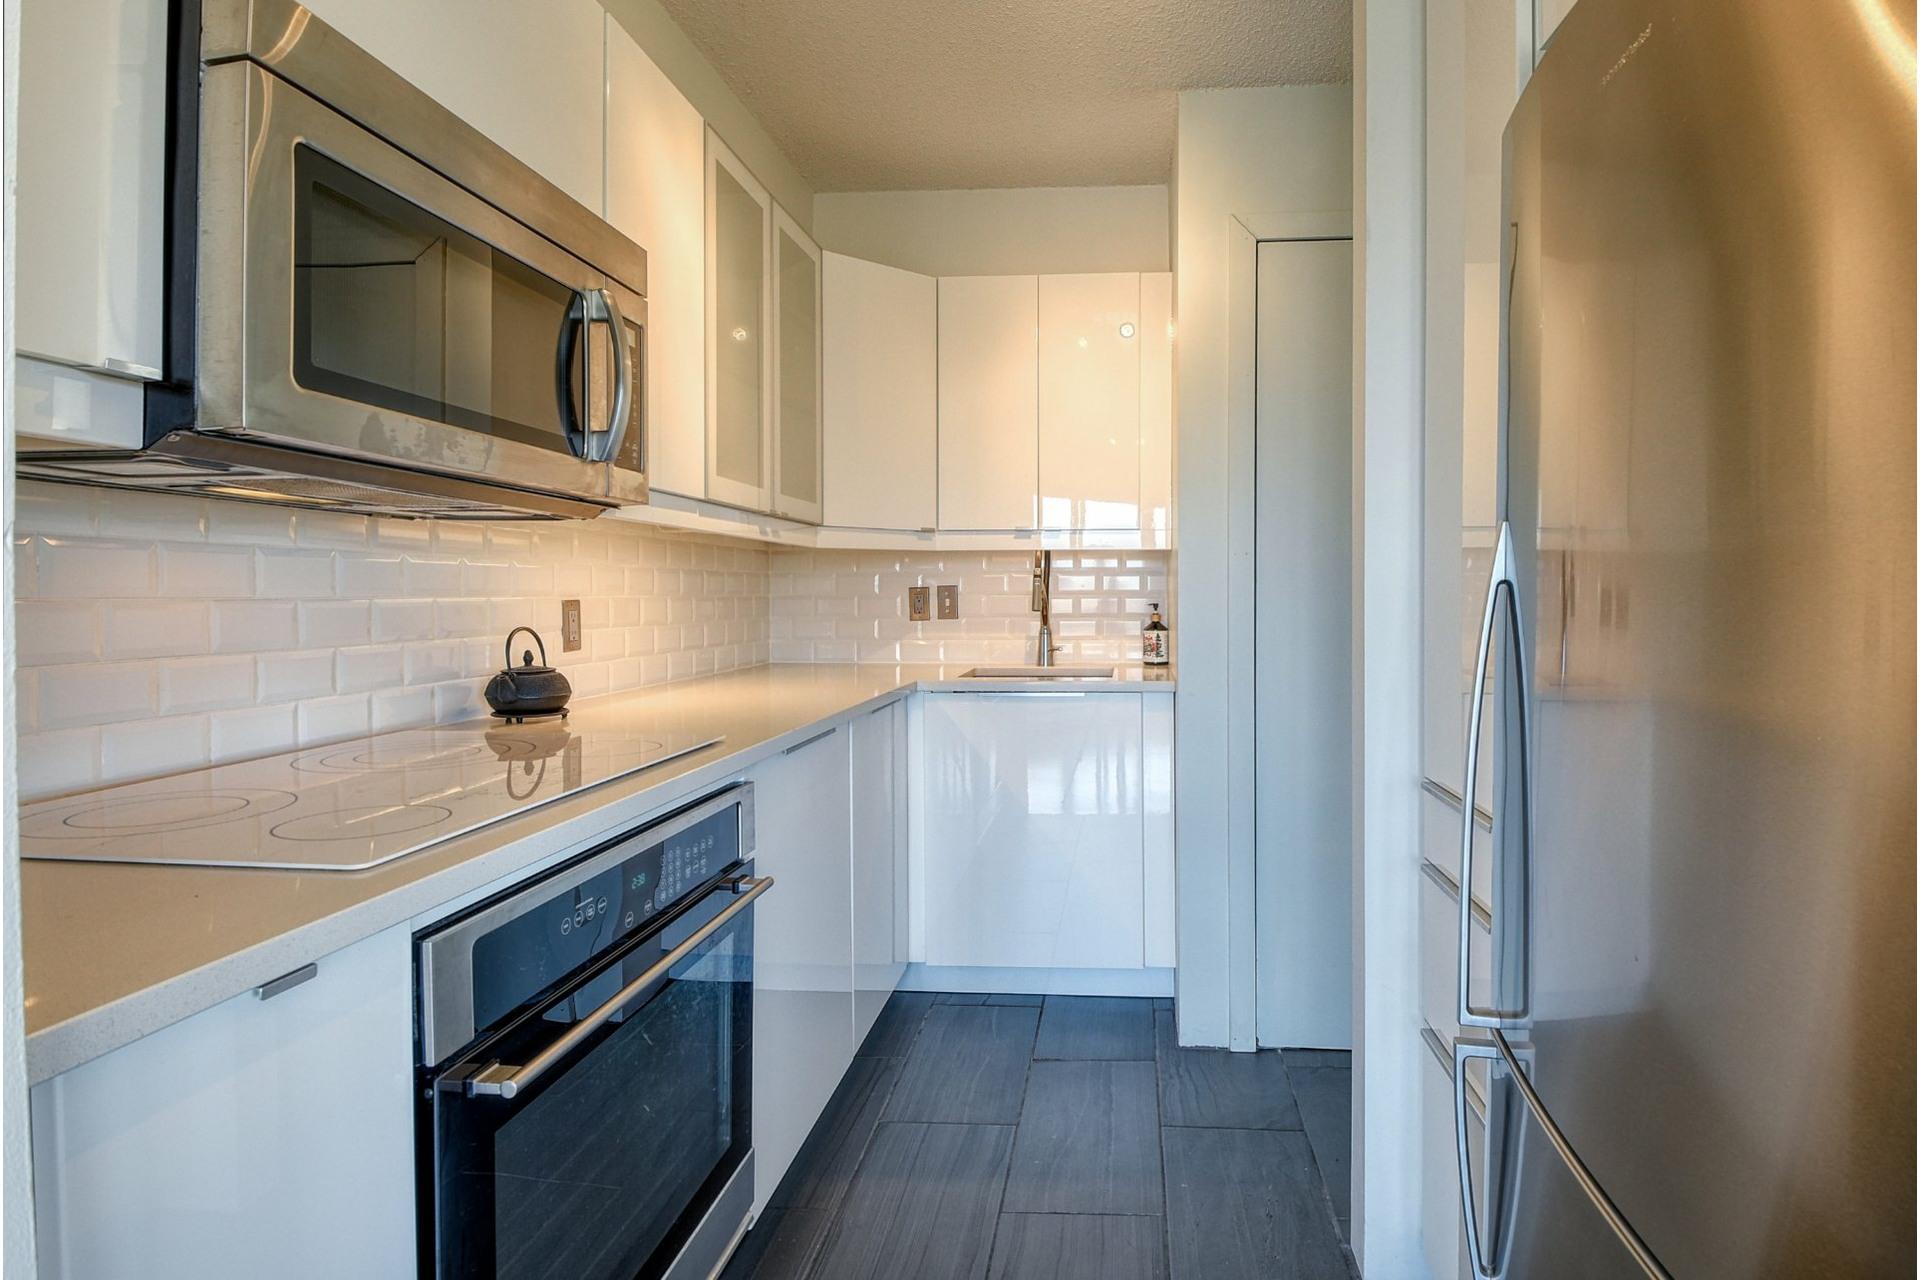 image 8 - Apartment For sale Verdun/Île-des-Soeurs Montréal  - 4 rooms